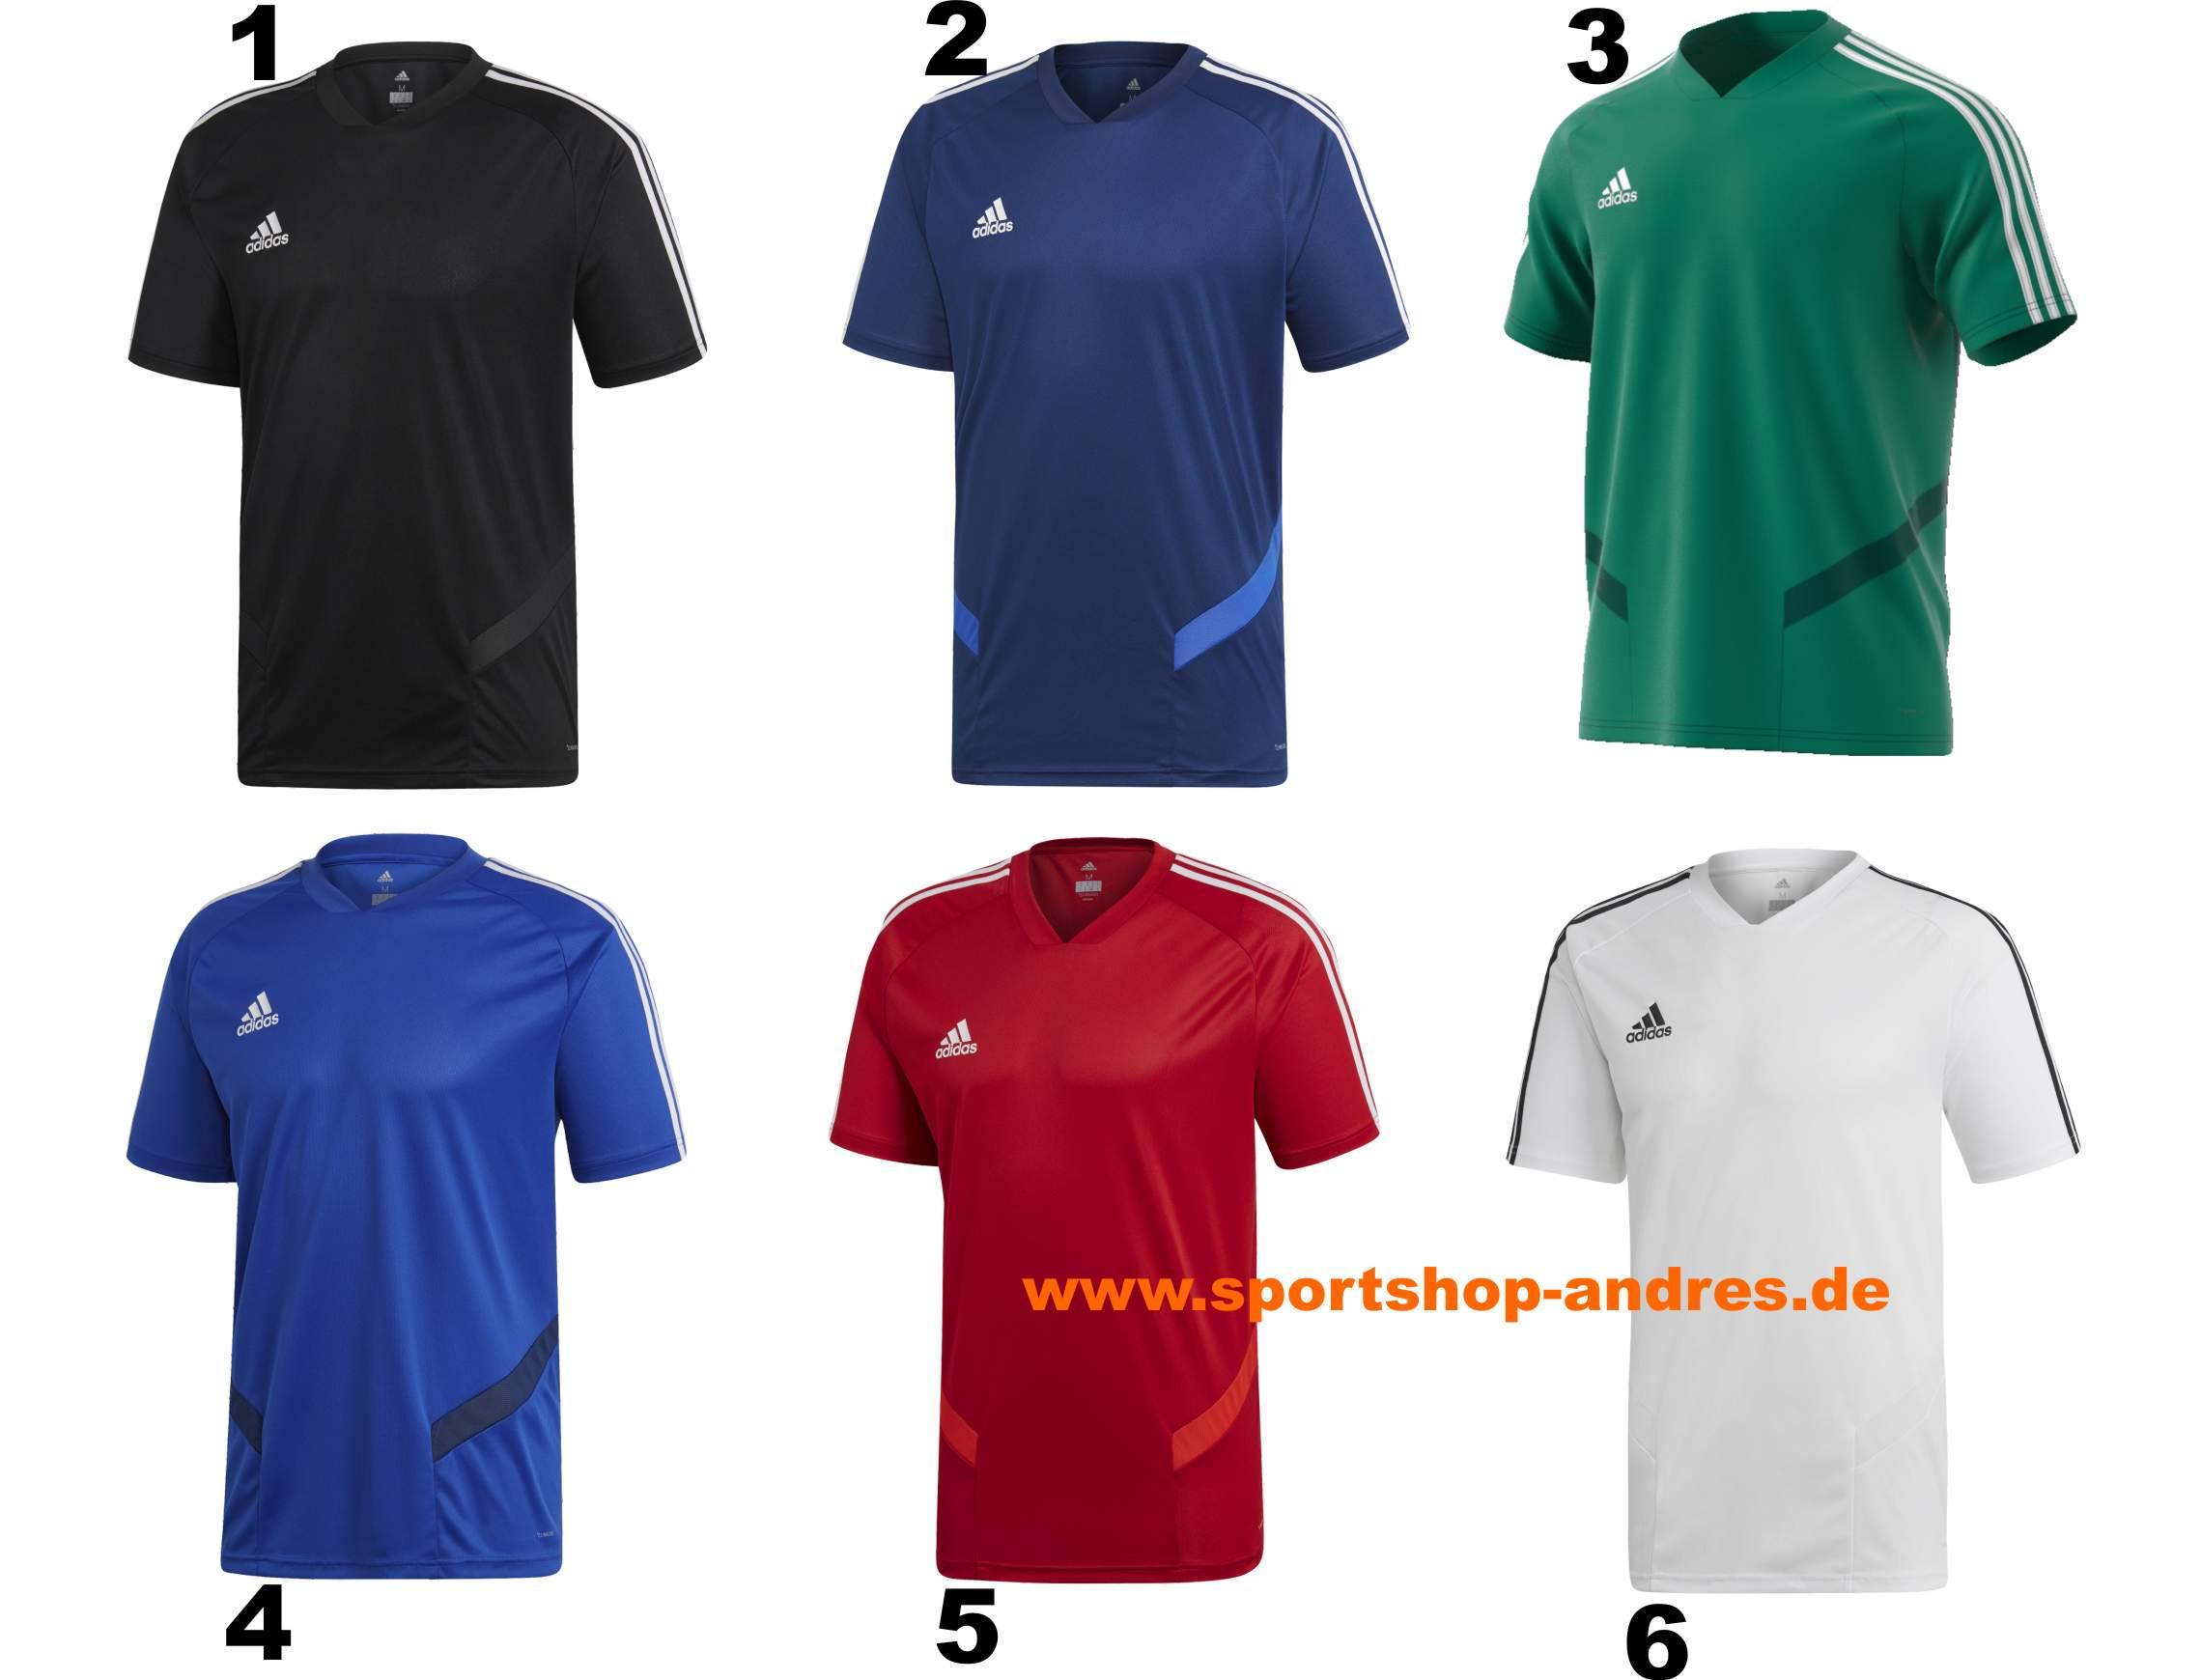 ac5a4ae5d7f923 Sportshop Andres - Adidas Tiro 19 Training Jersey Erwachsene ab 23 ...